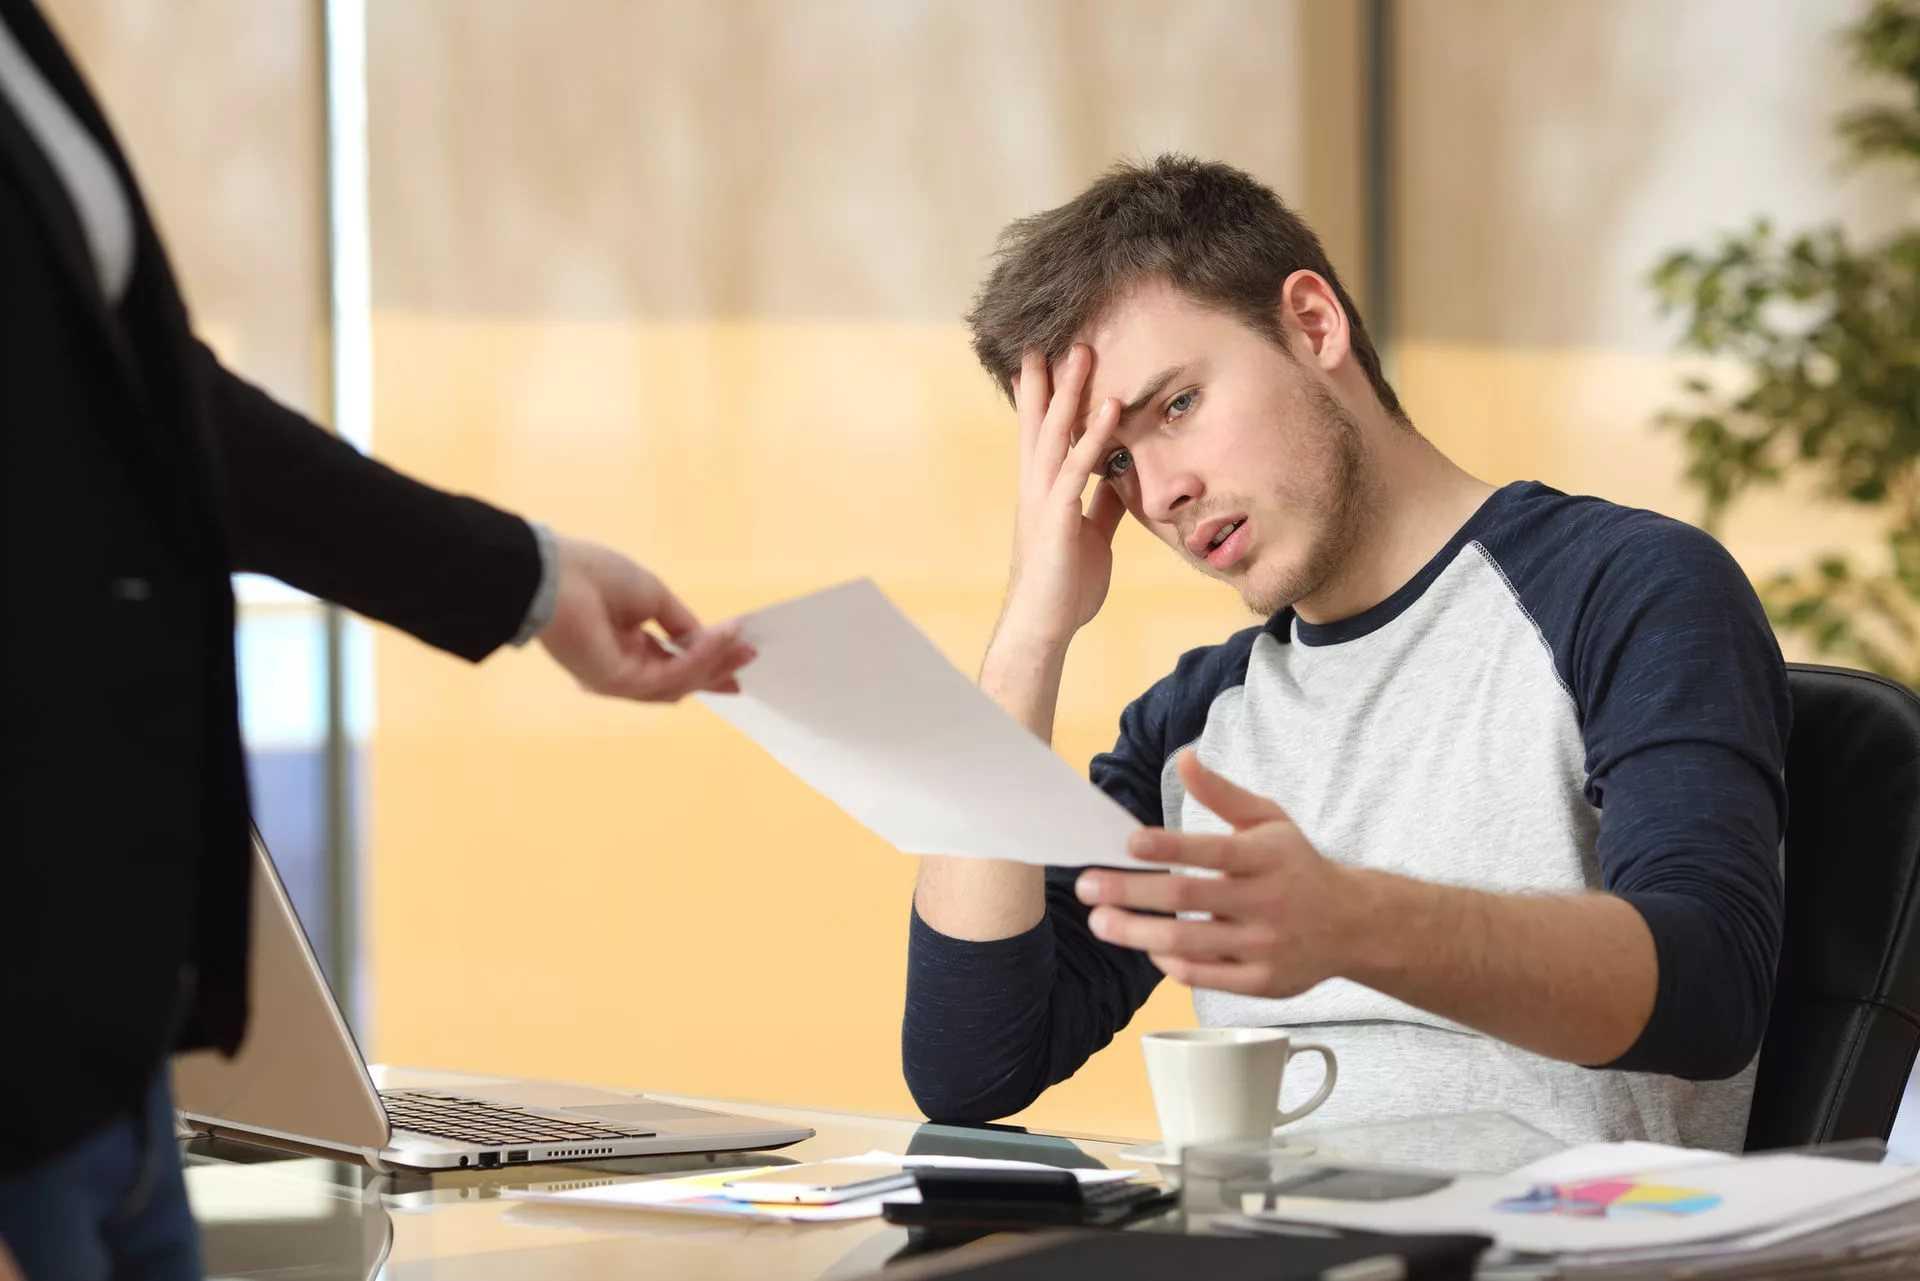 Сотрудник будет уволен в январе. Нужно ли на него заполнять график отпусков?